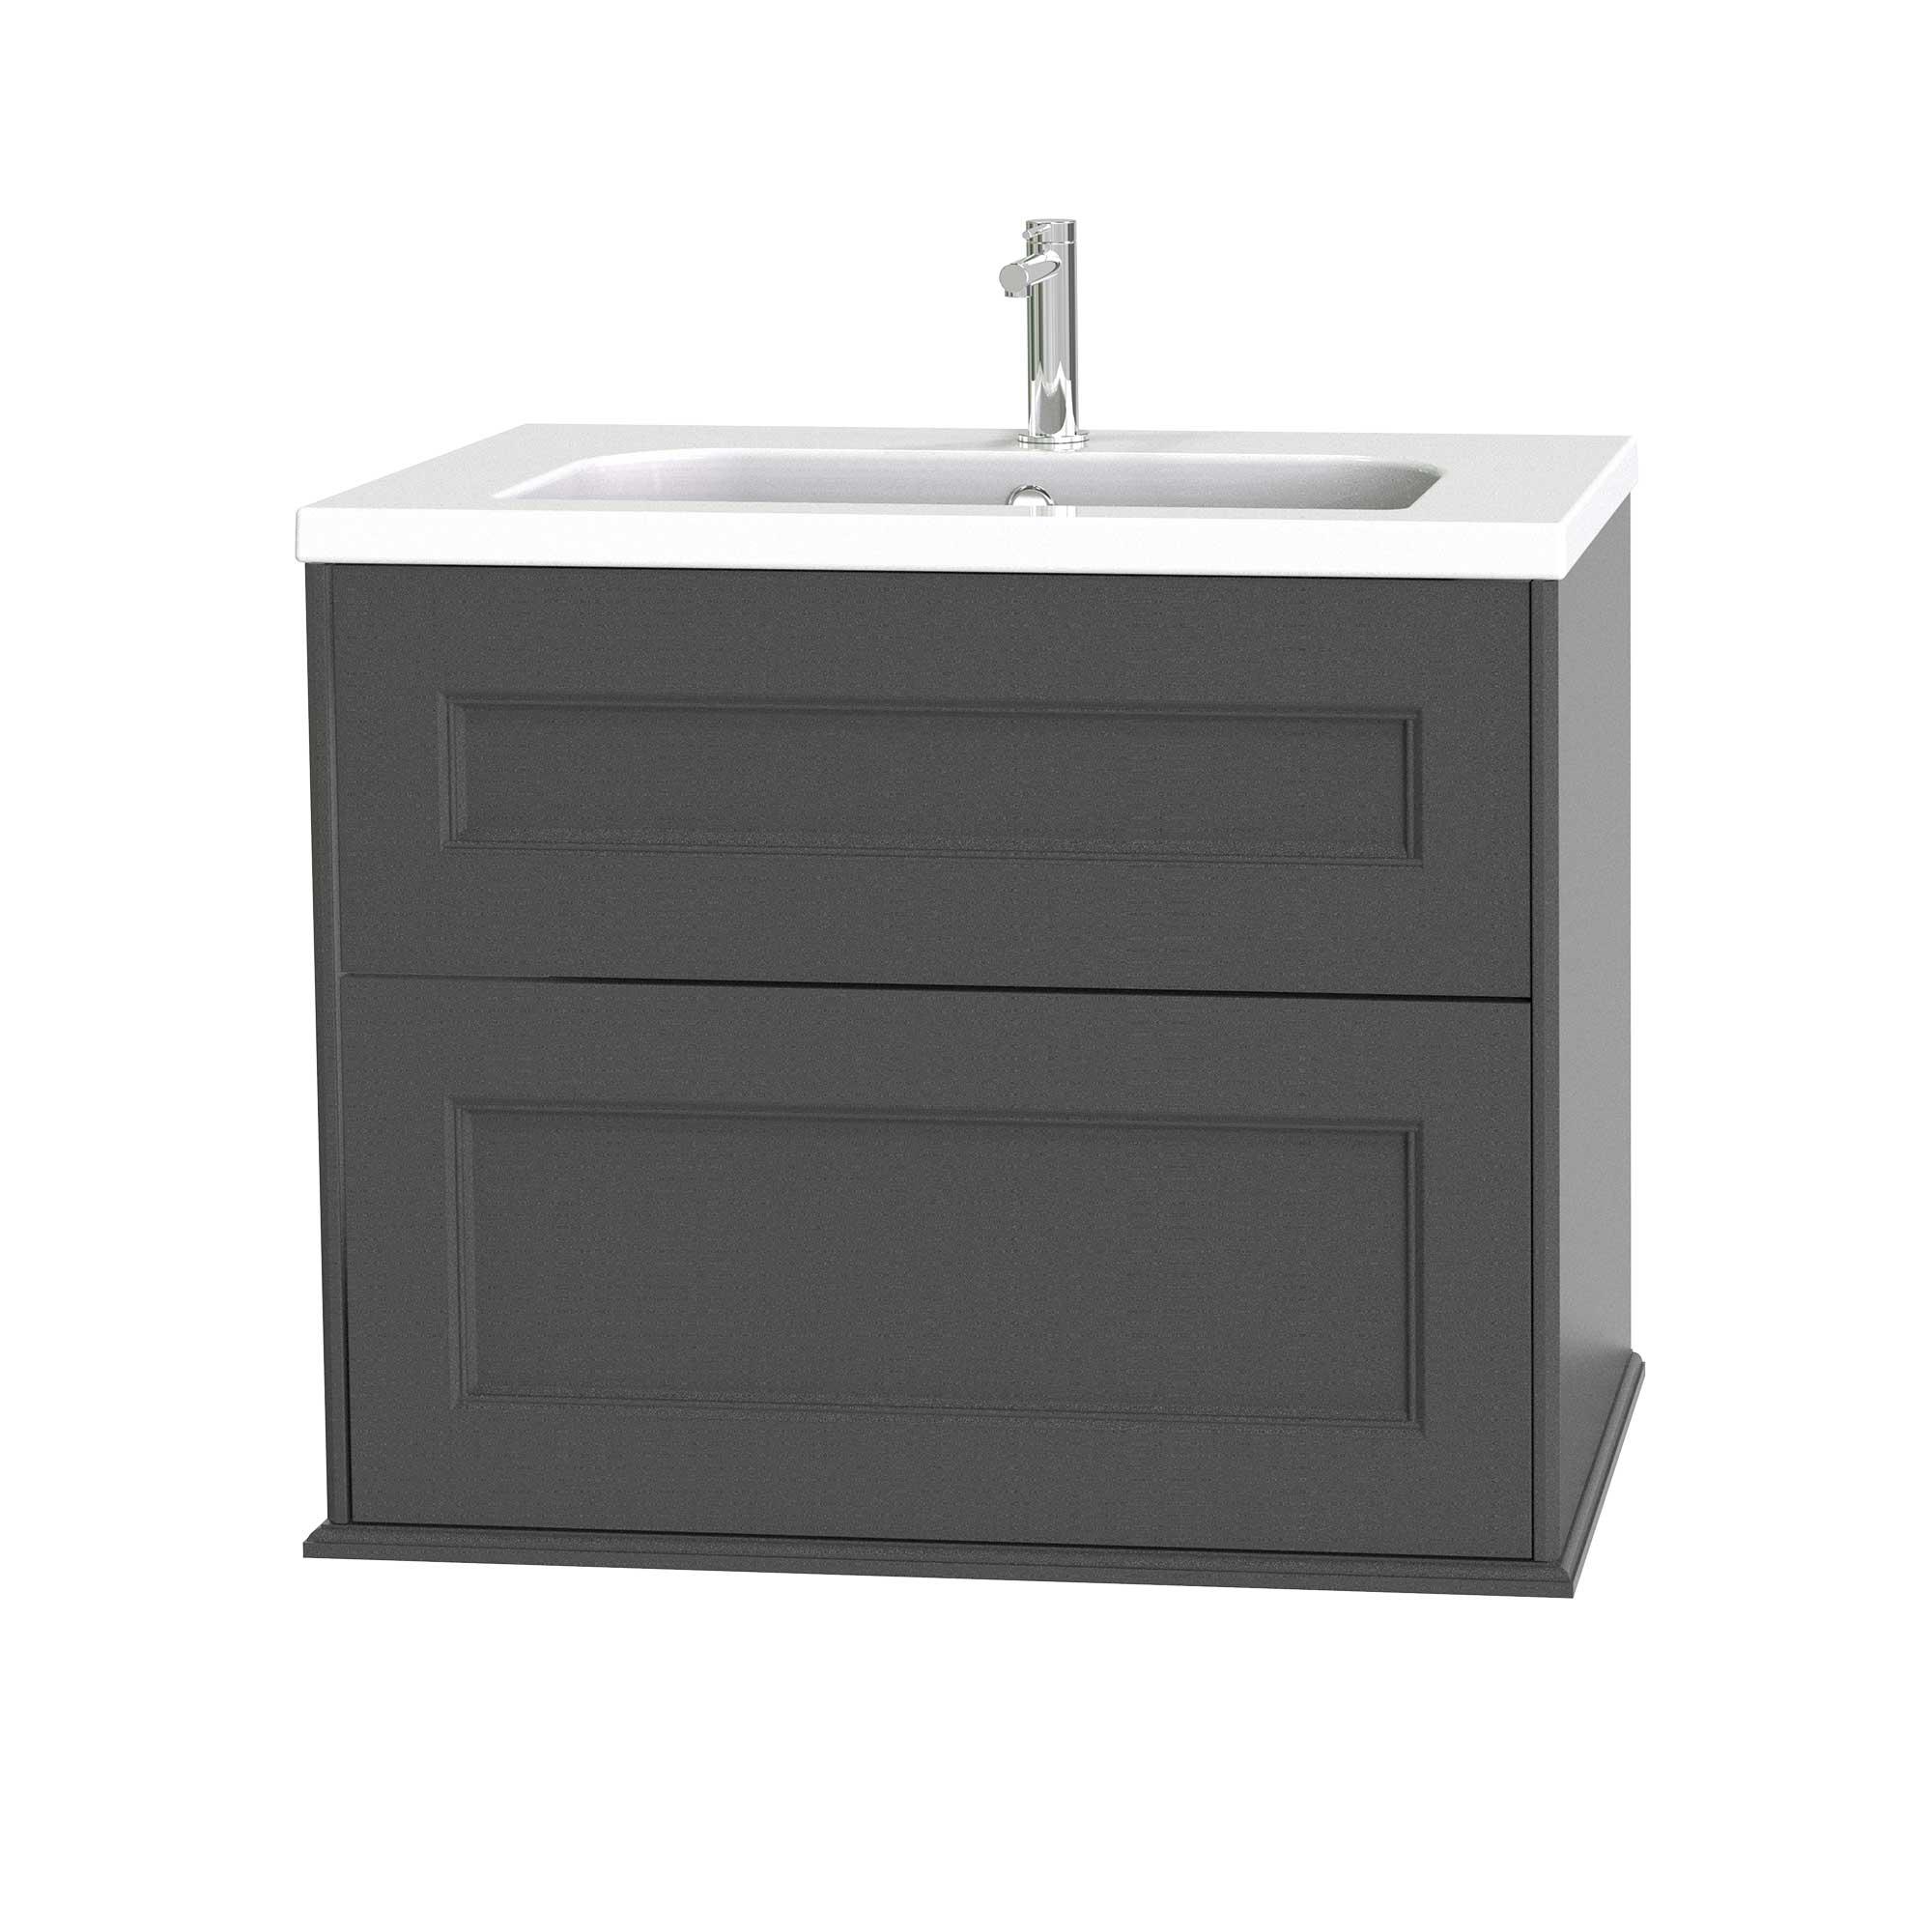 Tvättställsskåp Miller Badrum Kensington 80 med Lådor Vägghängd för Heltäckande Tvättställ